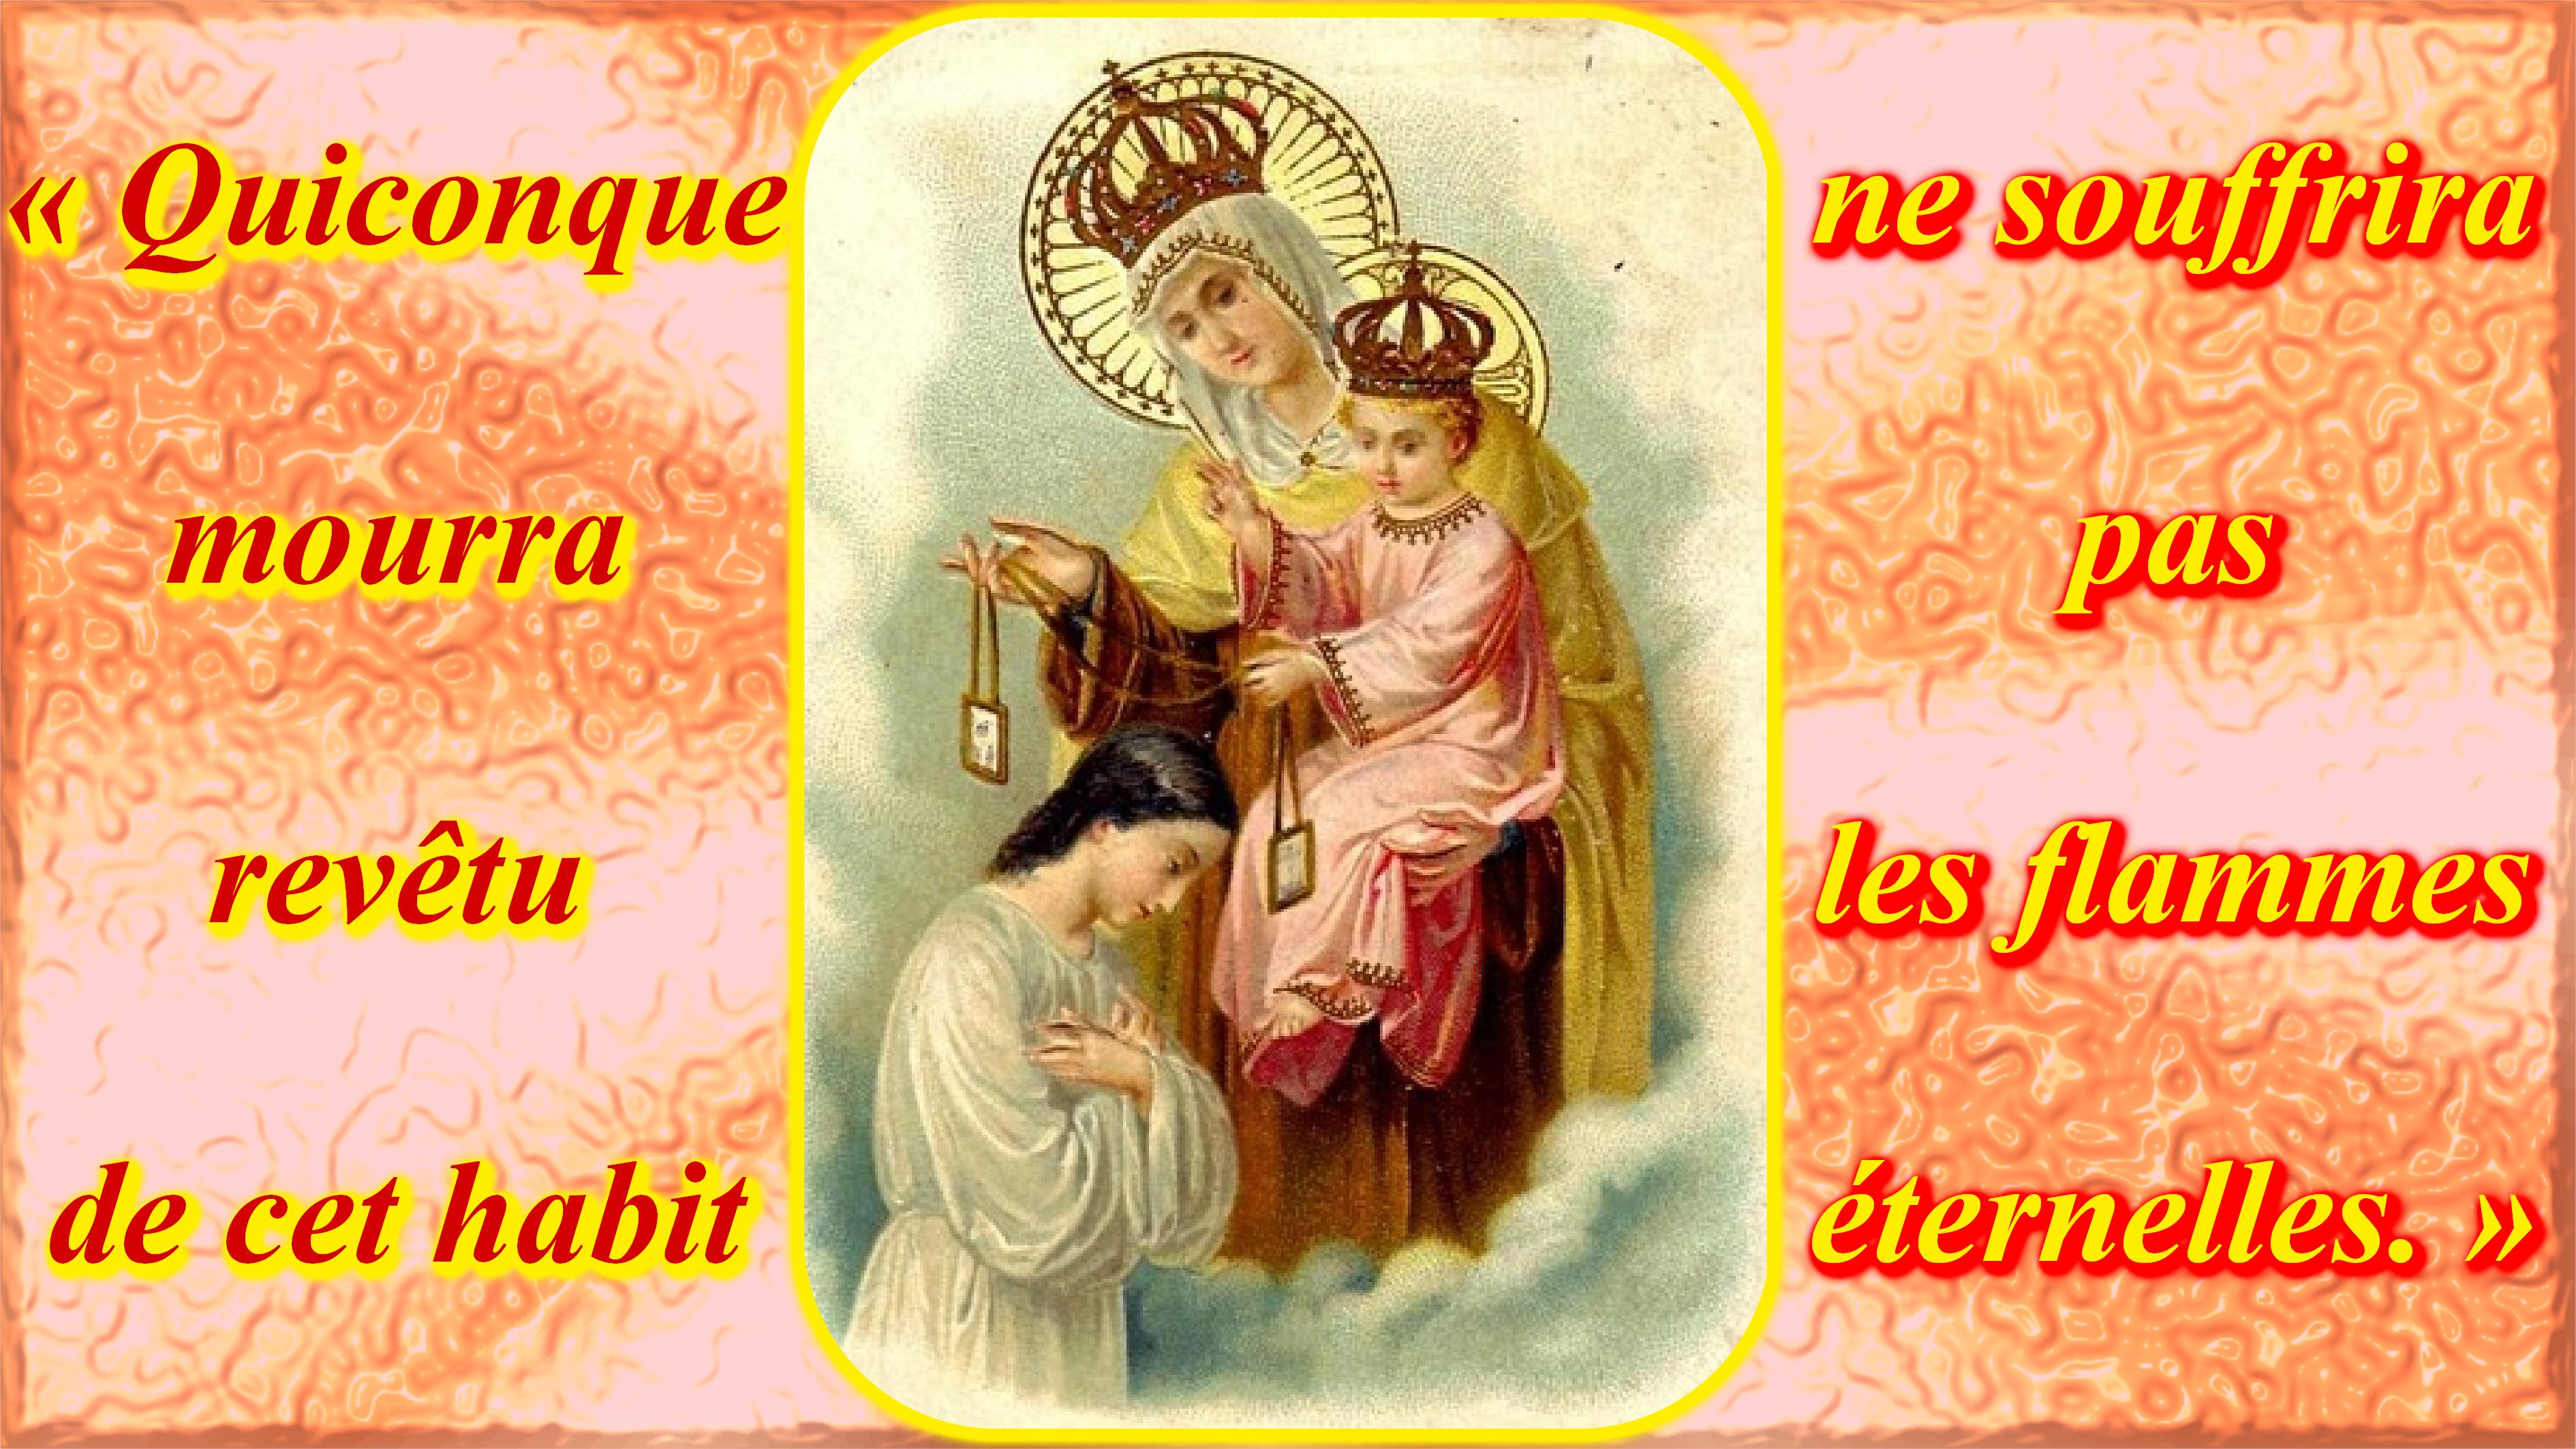 CALENDRIER CATHOLIQUE 2019 (Cantiques, Prières & Images) - Page 2 Notre-dame-du-mon...apulaire-5579ca8